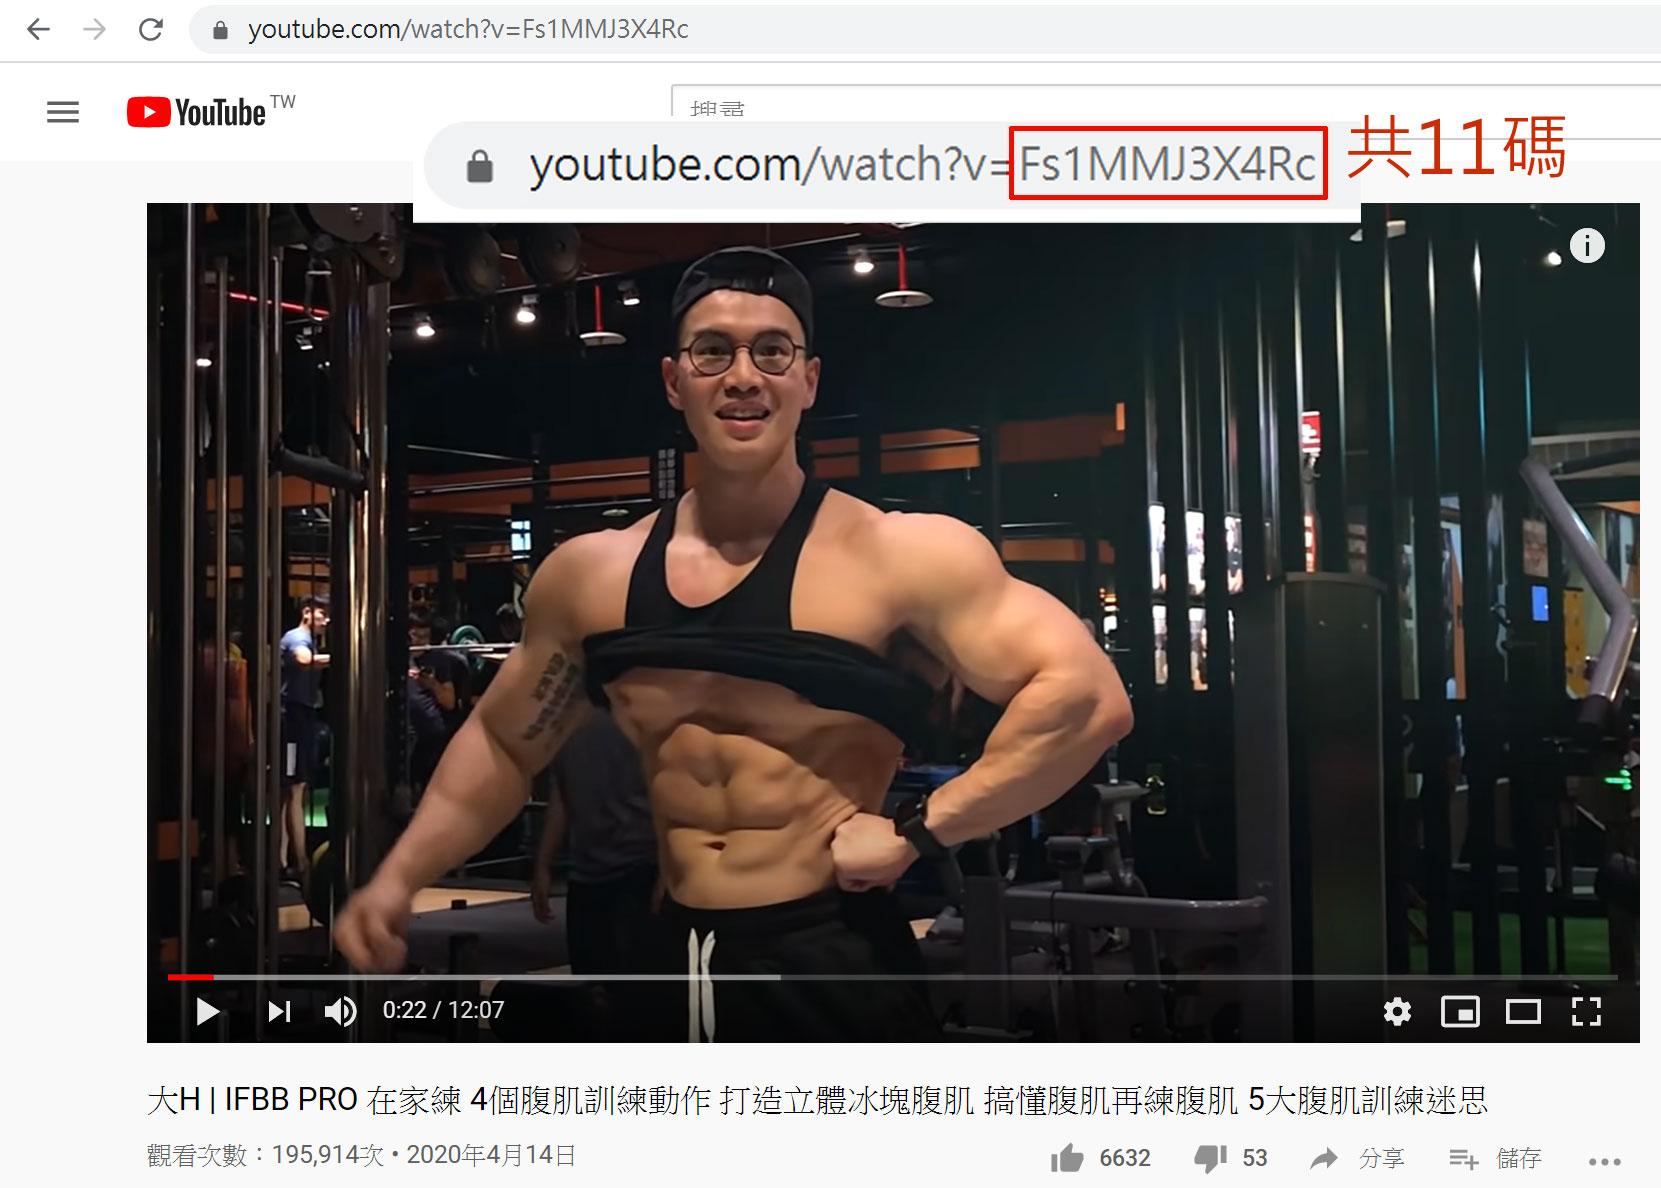 輕輕鬆鬆找出youtube原始圖片網址